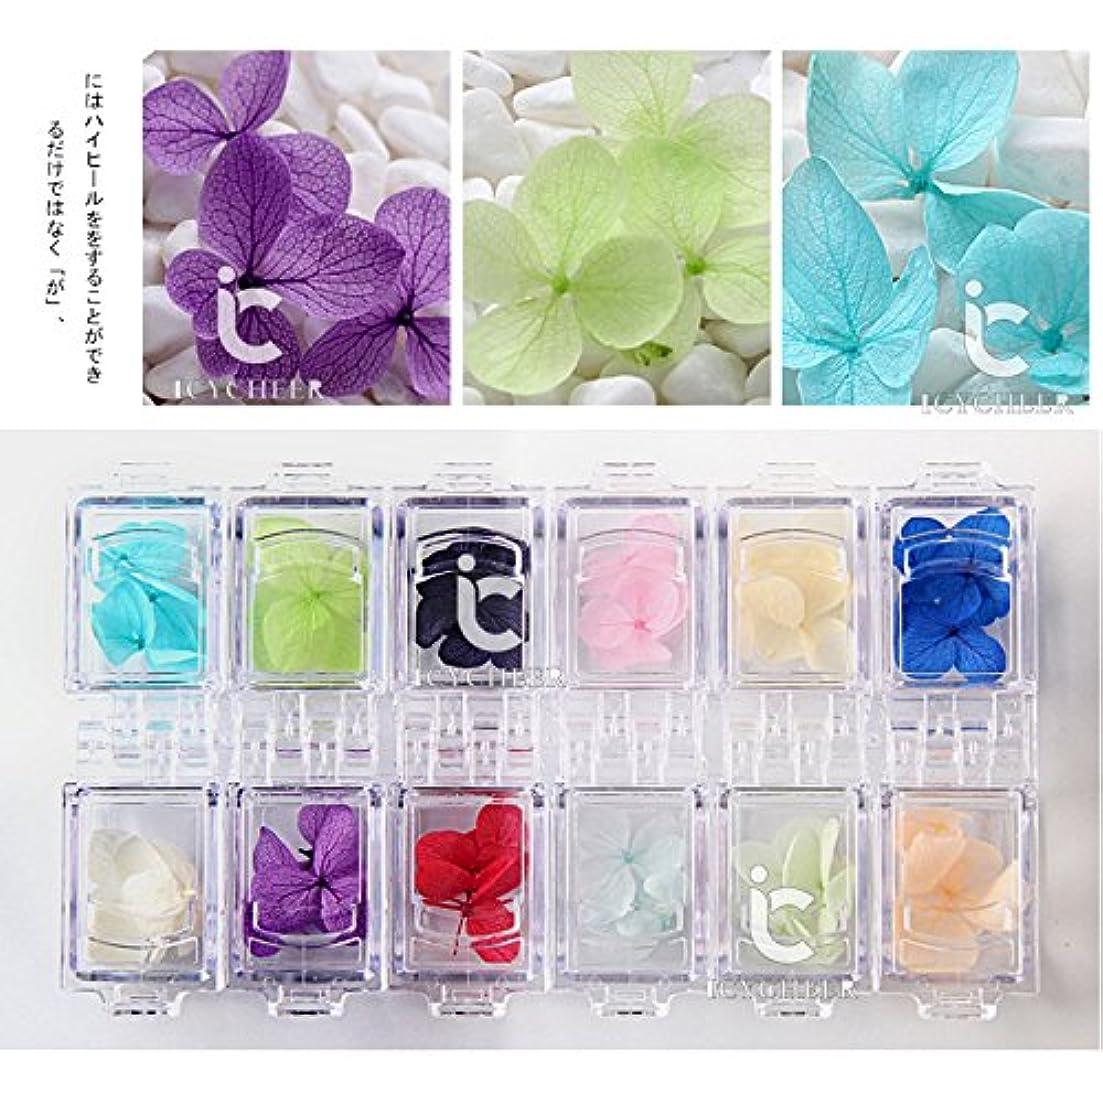 ホームギャラリーフルートICYCHEER 12色の実自然花びらドライドライフラワーUVジェルネイルアートステッカーポーランドデコレーションステッカーDIYマニキュアツール